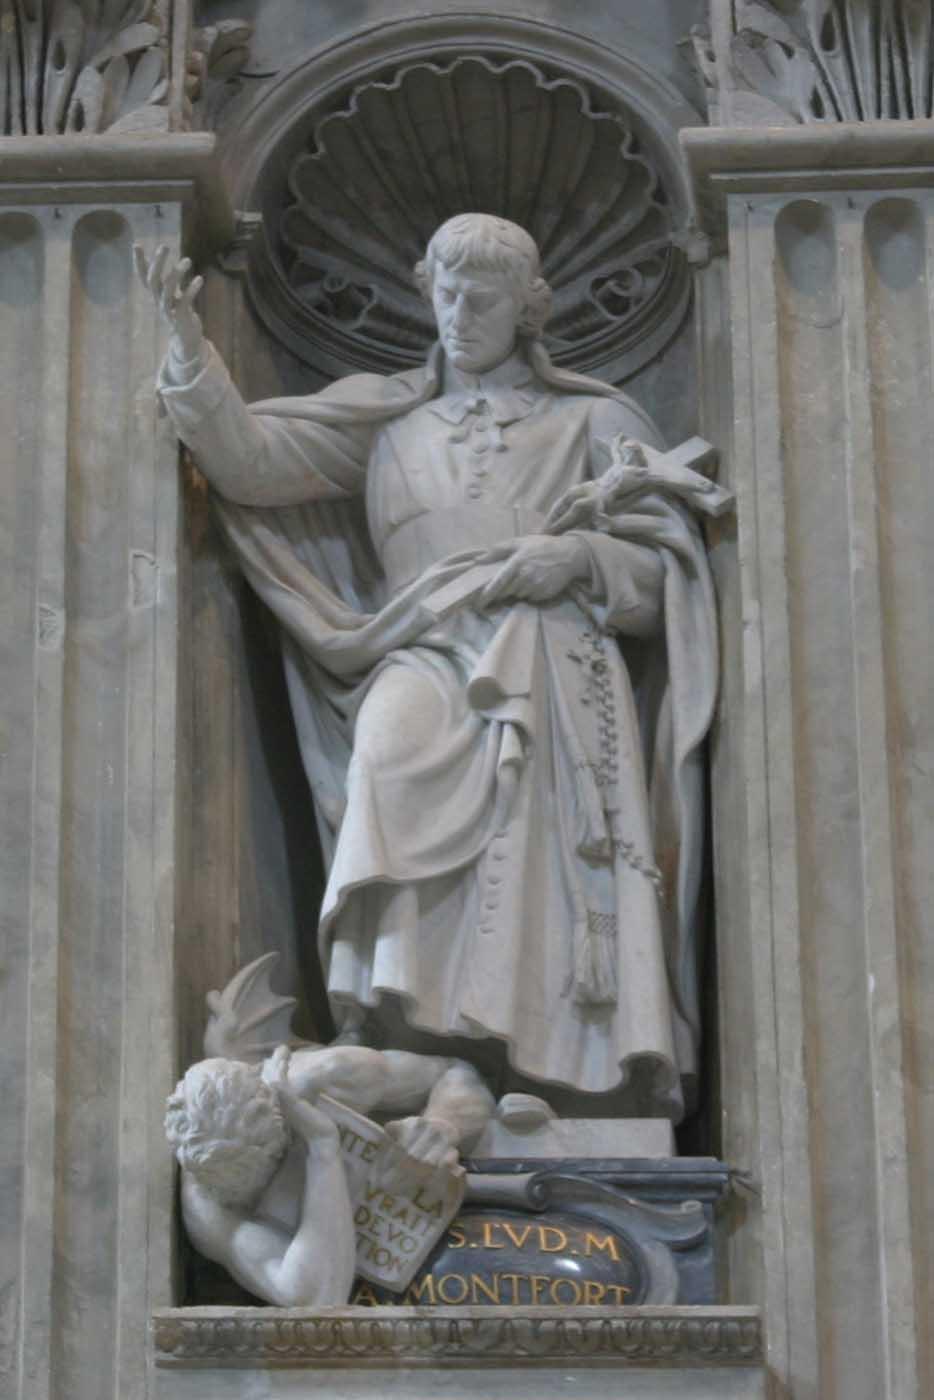 St. Louis de Montfort - Founder Statue